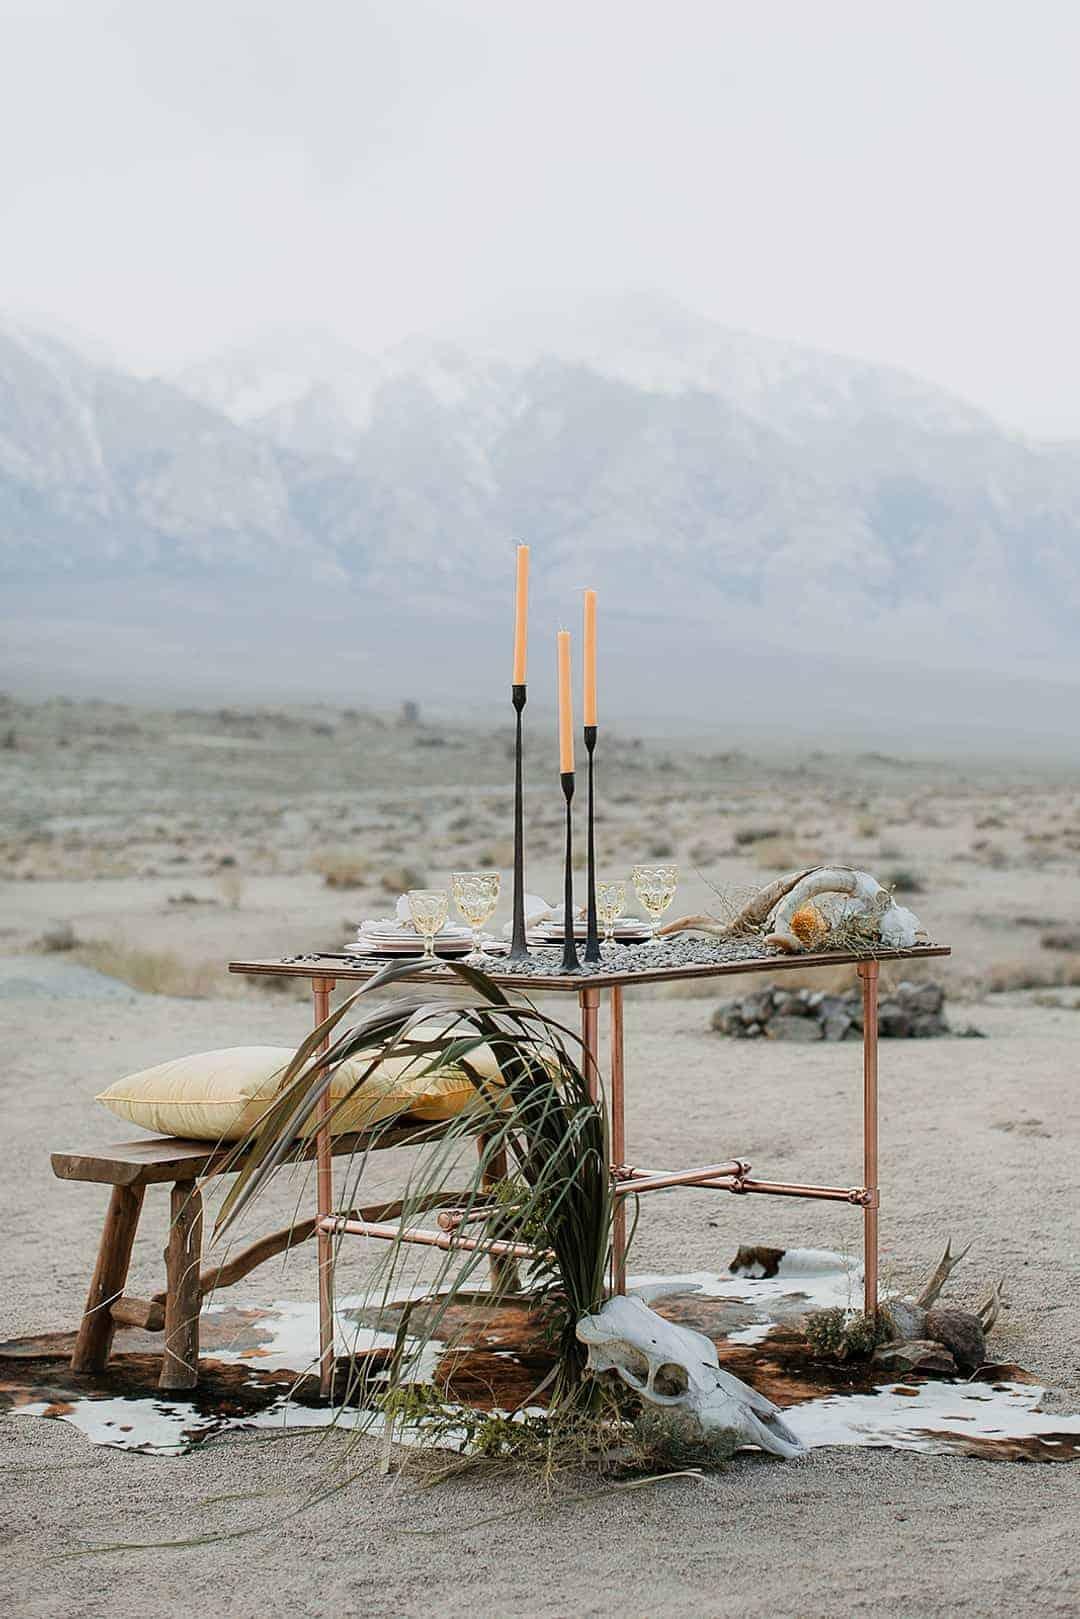 BOHO -CALIFORNIA DESERT WEDDING INSPIRATION -BOHO LACE DRESS- FRINGE JACKET